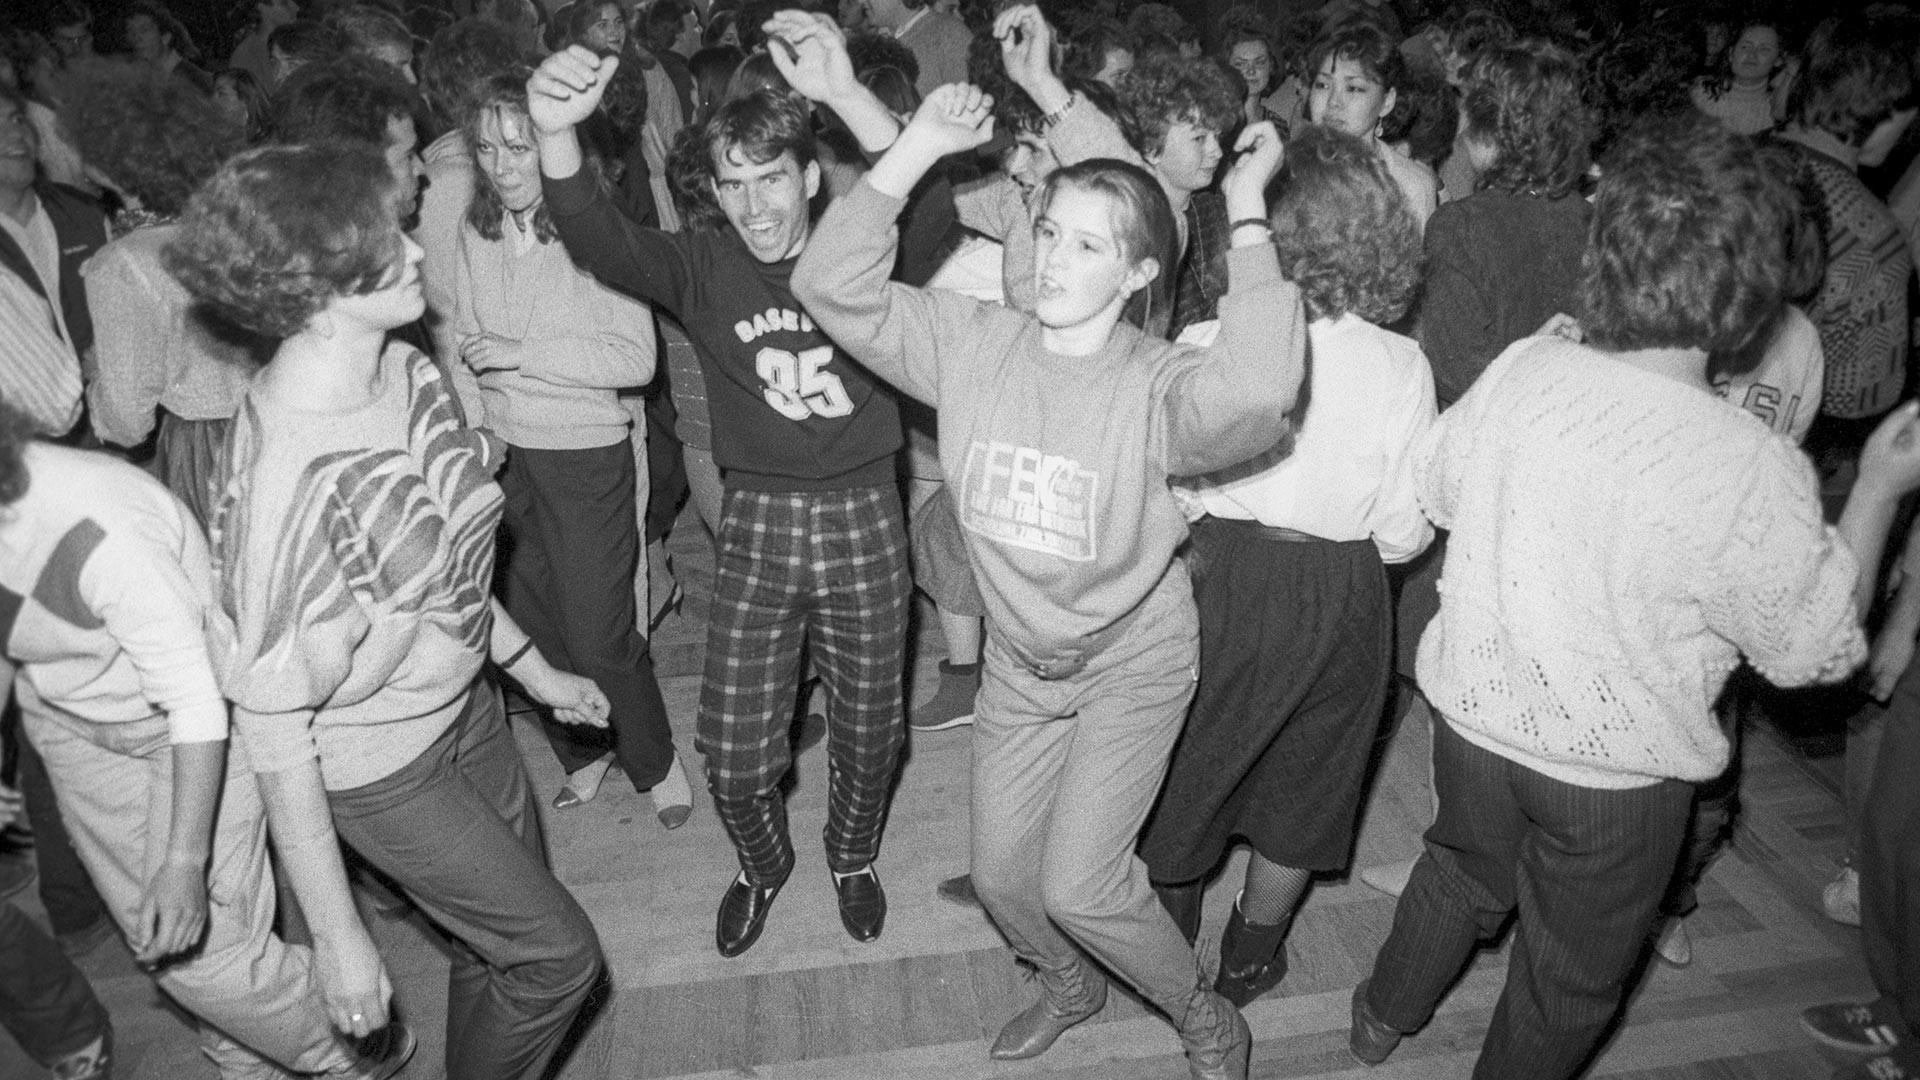 Молодежь московских предприятий - членов Общества советско-болгарской дружбы и участники болгарского ансамбля песни и пляски